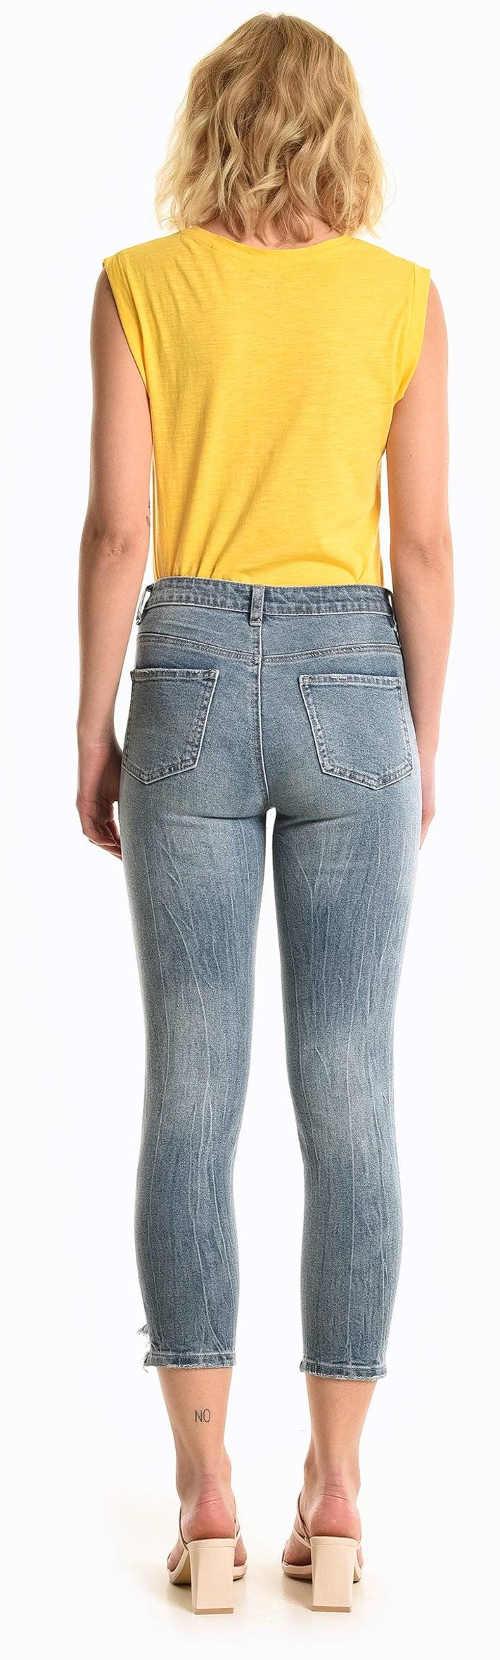 Žluté dámské tričko a krátké strečové džíny